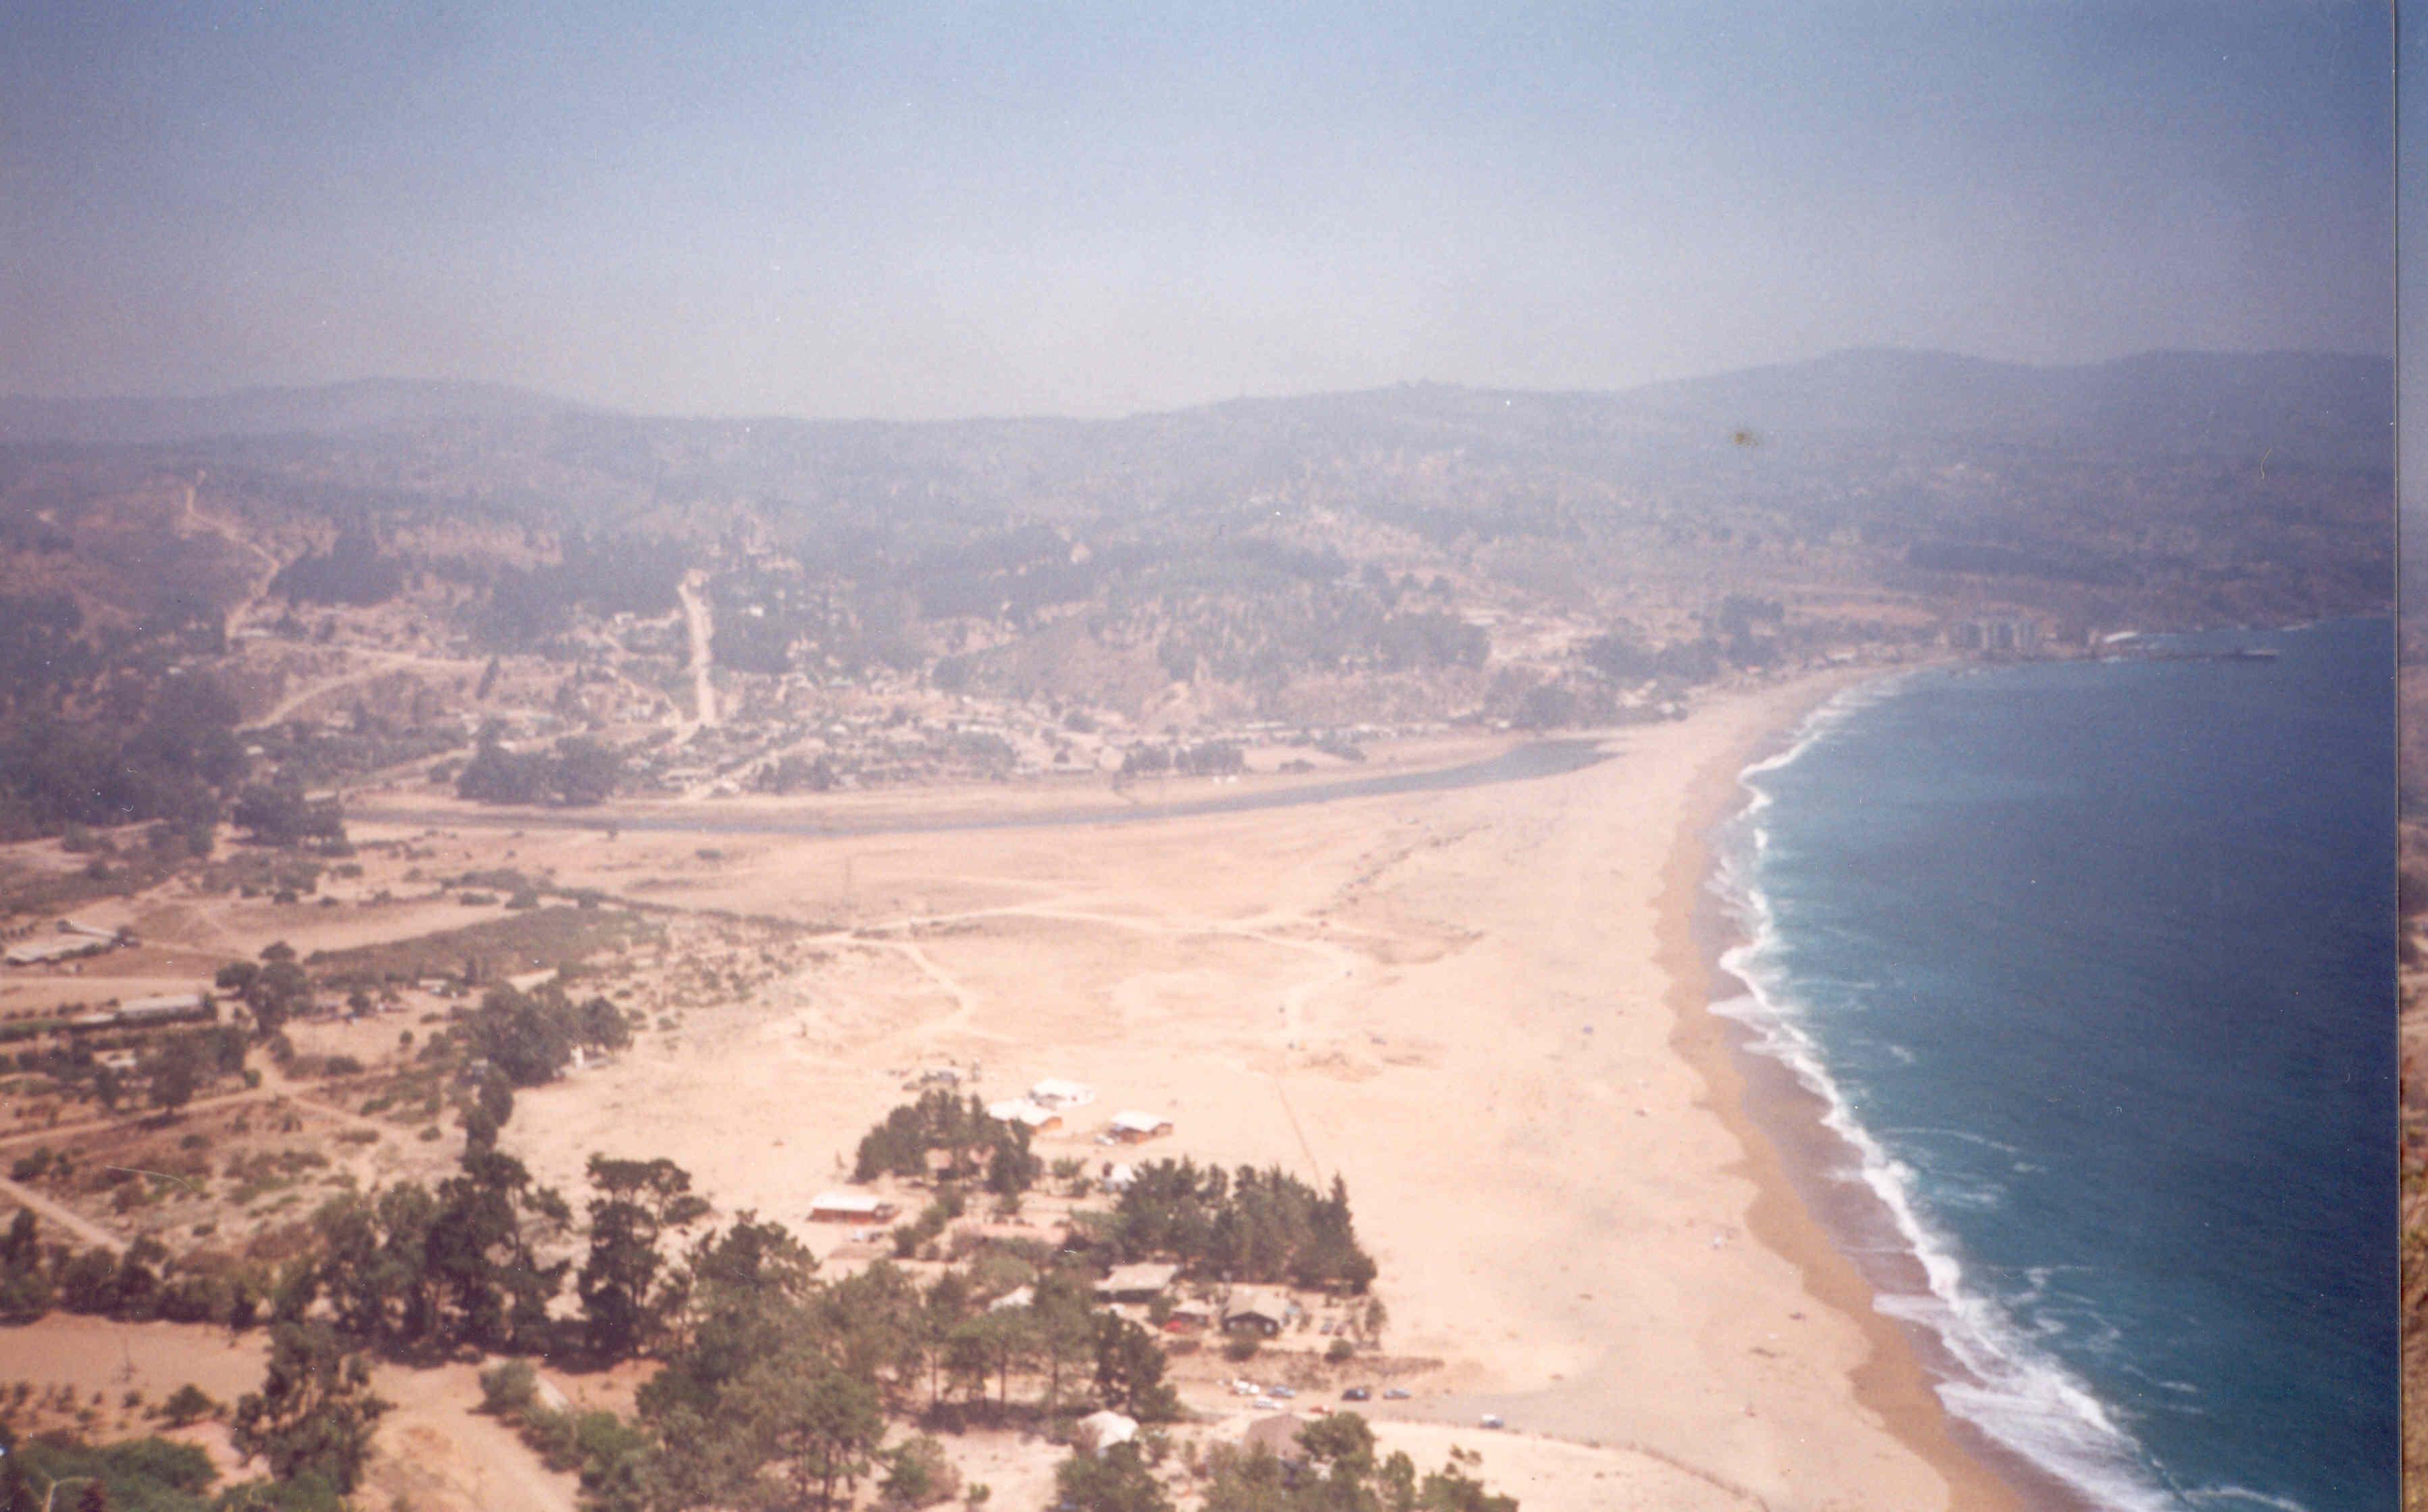 Enterreno - Fotos históricas de chile - fotos antiguas de Chile - Laguna Verde en 1986